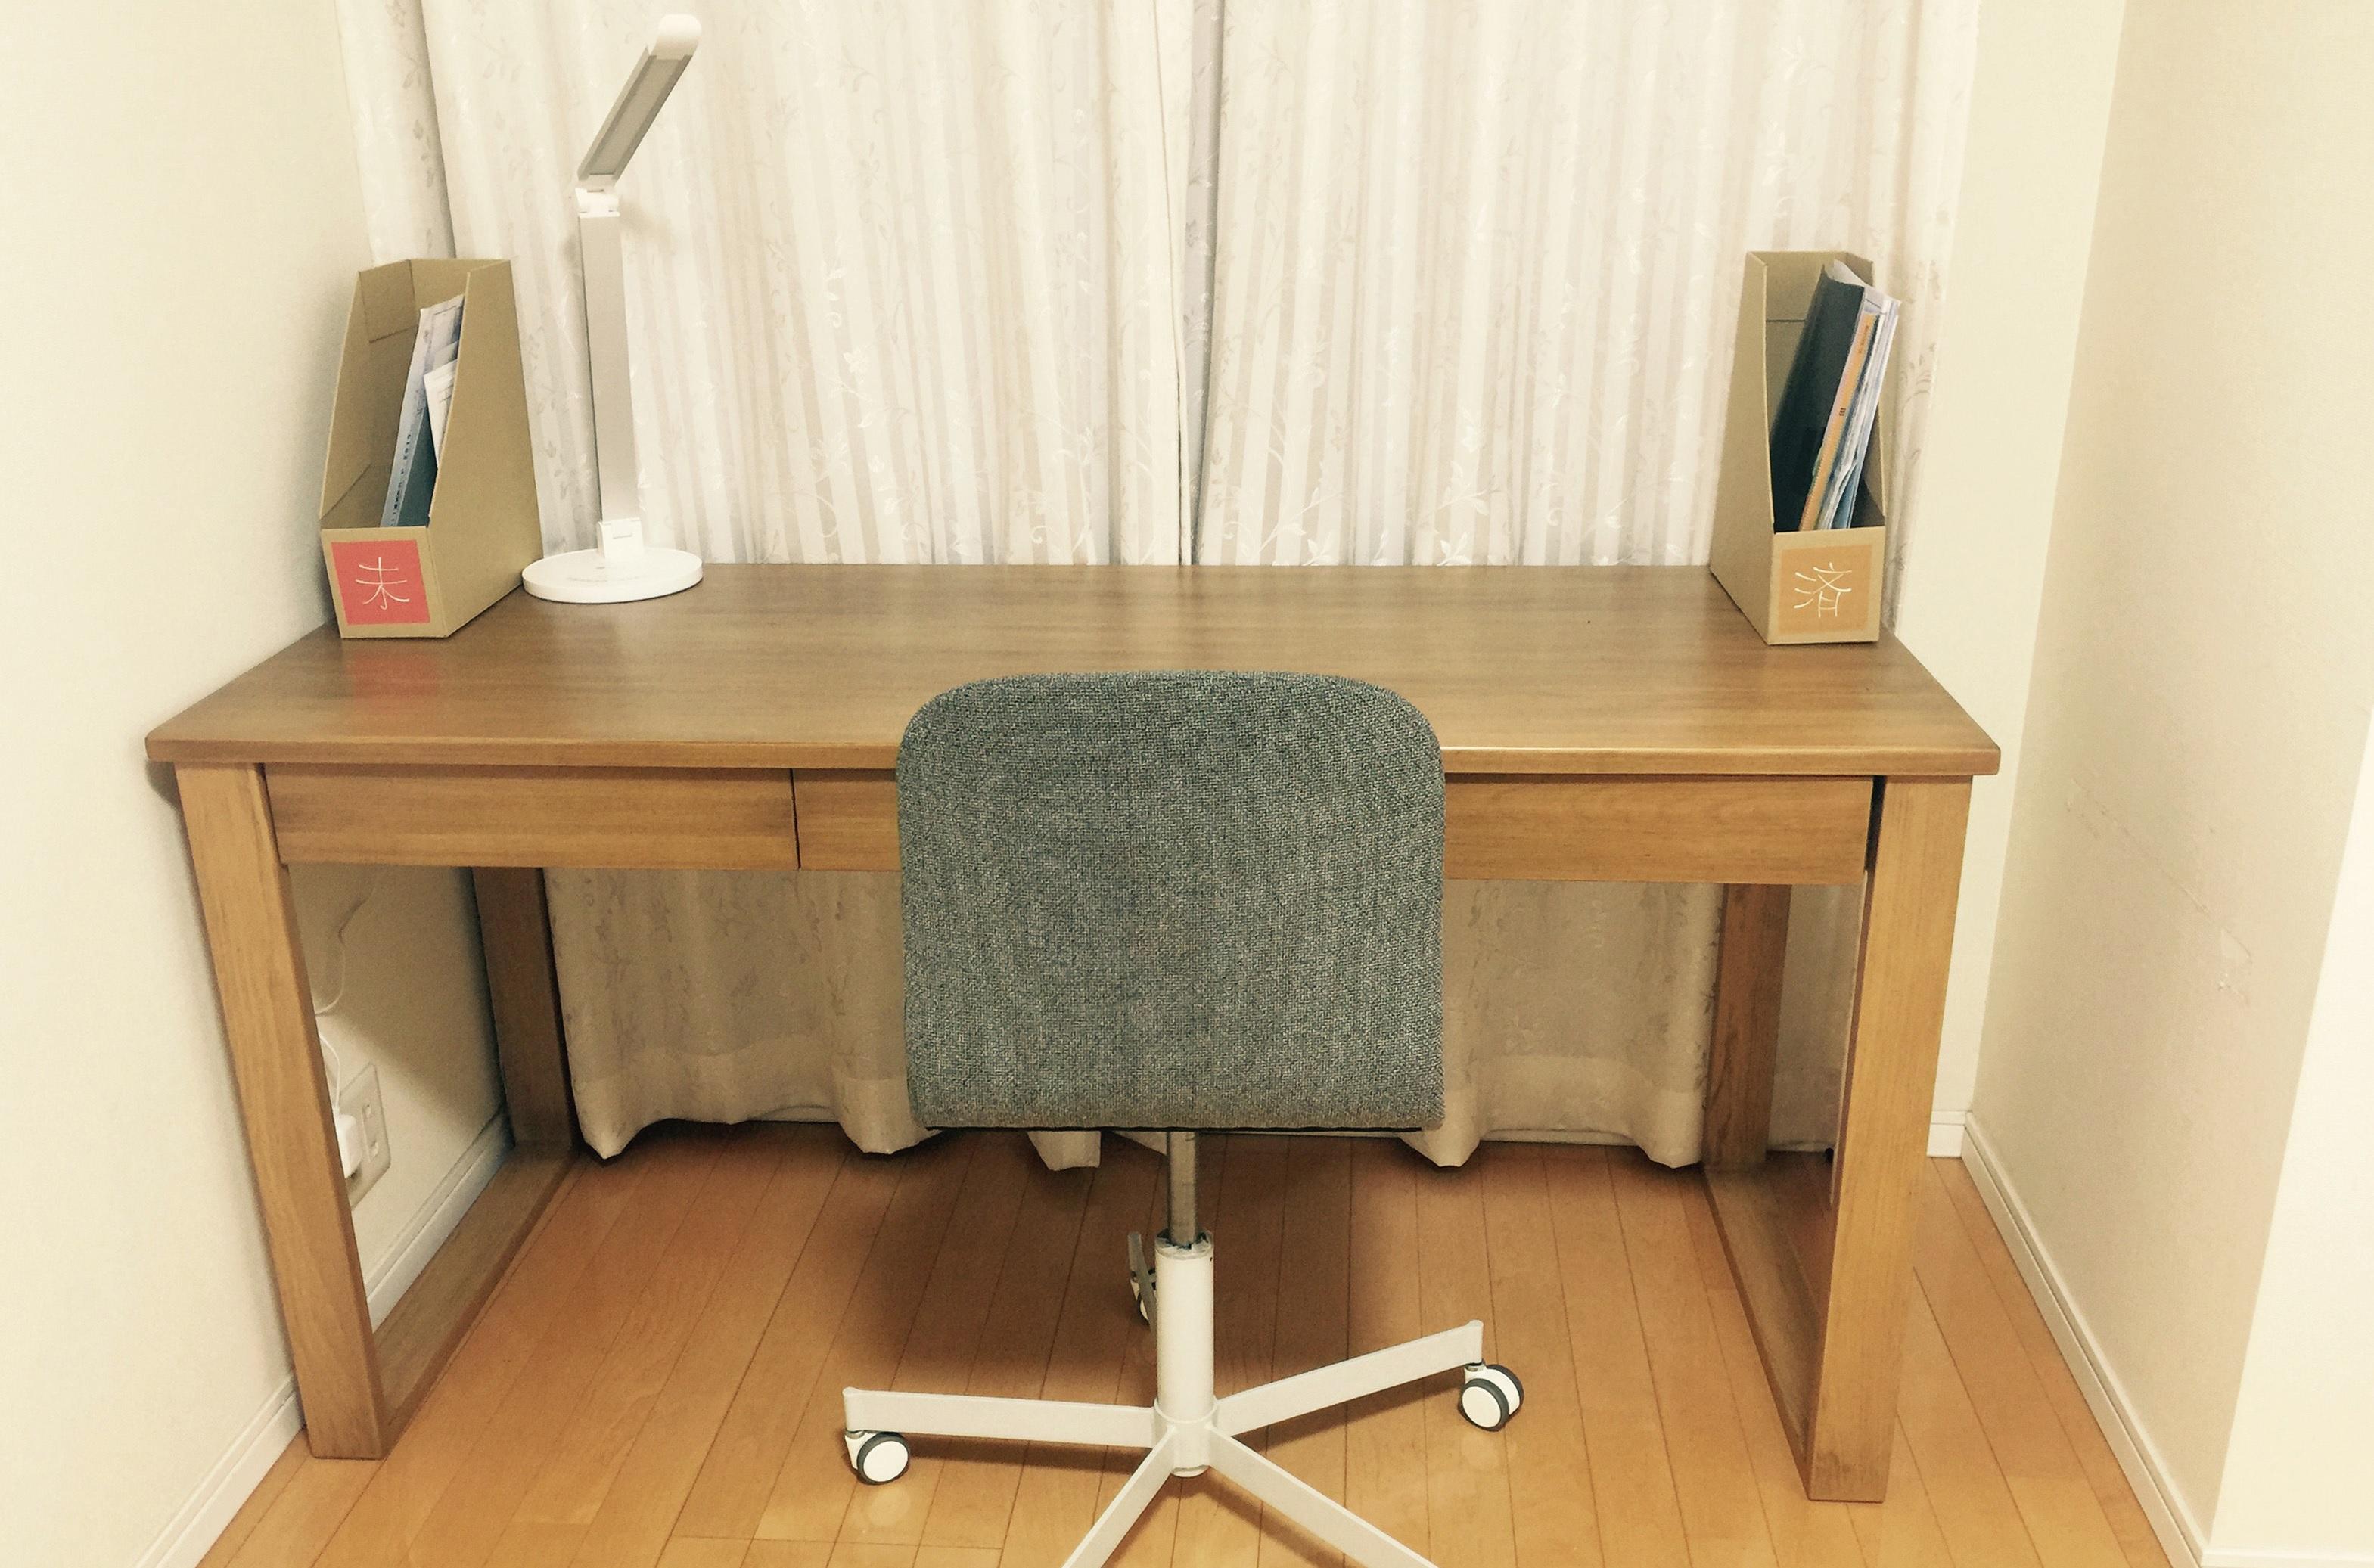 「処理済み用」と「未処理用」のボックスを両端に置いた机